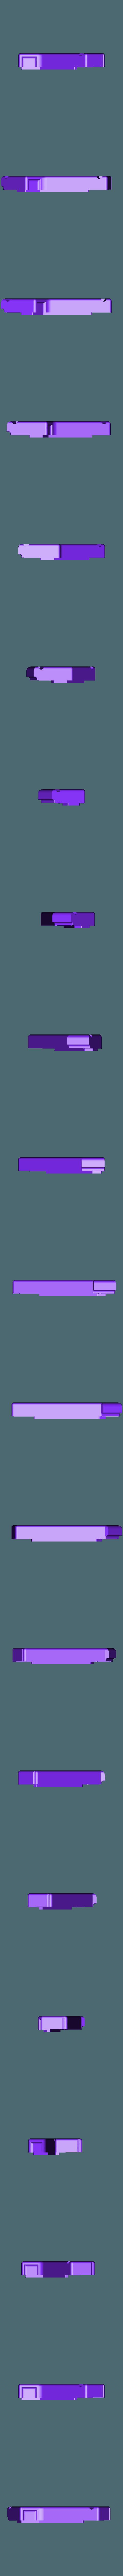 2x100_R.stl Télécharger fichier STL gratuit Couteau à câble plat • Design pour imprimante 3D, kpawel